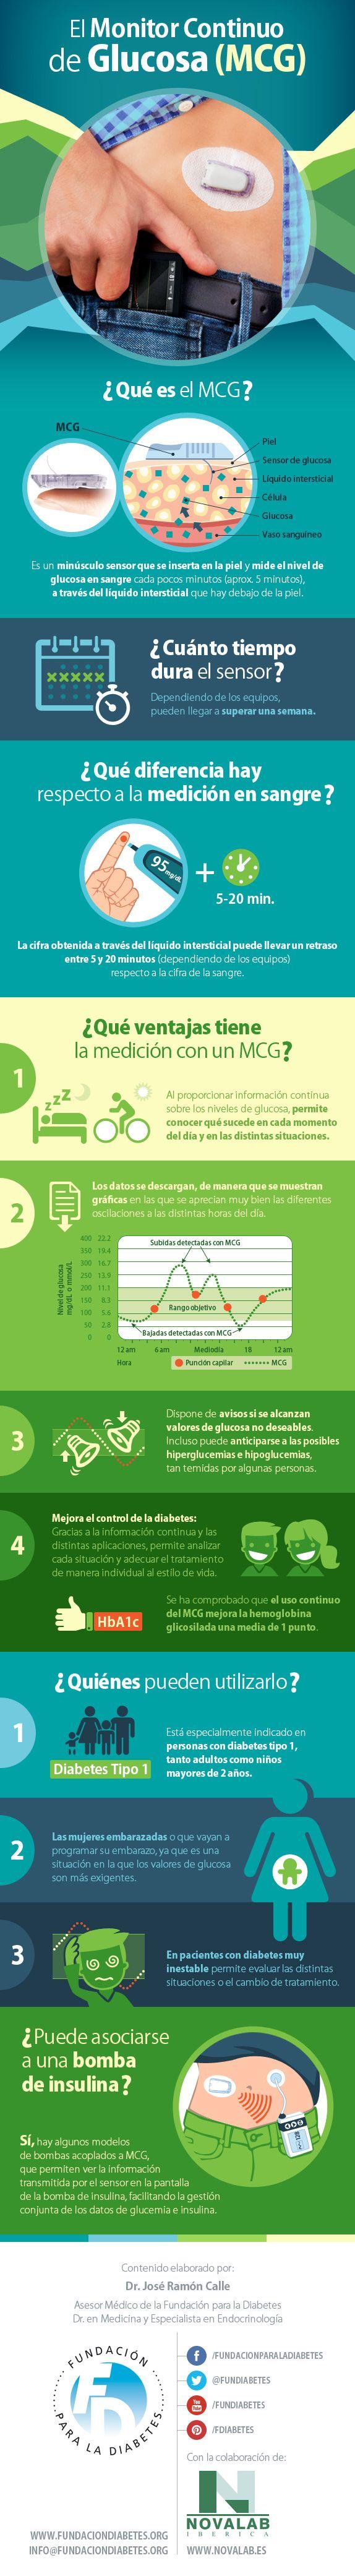 Infografía El monitor continuo de glucosa (MCG)